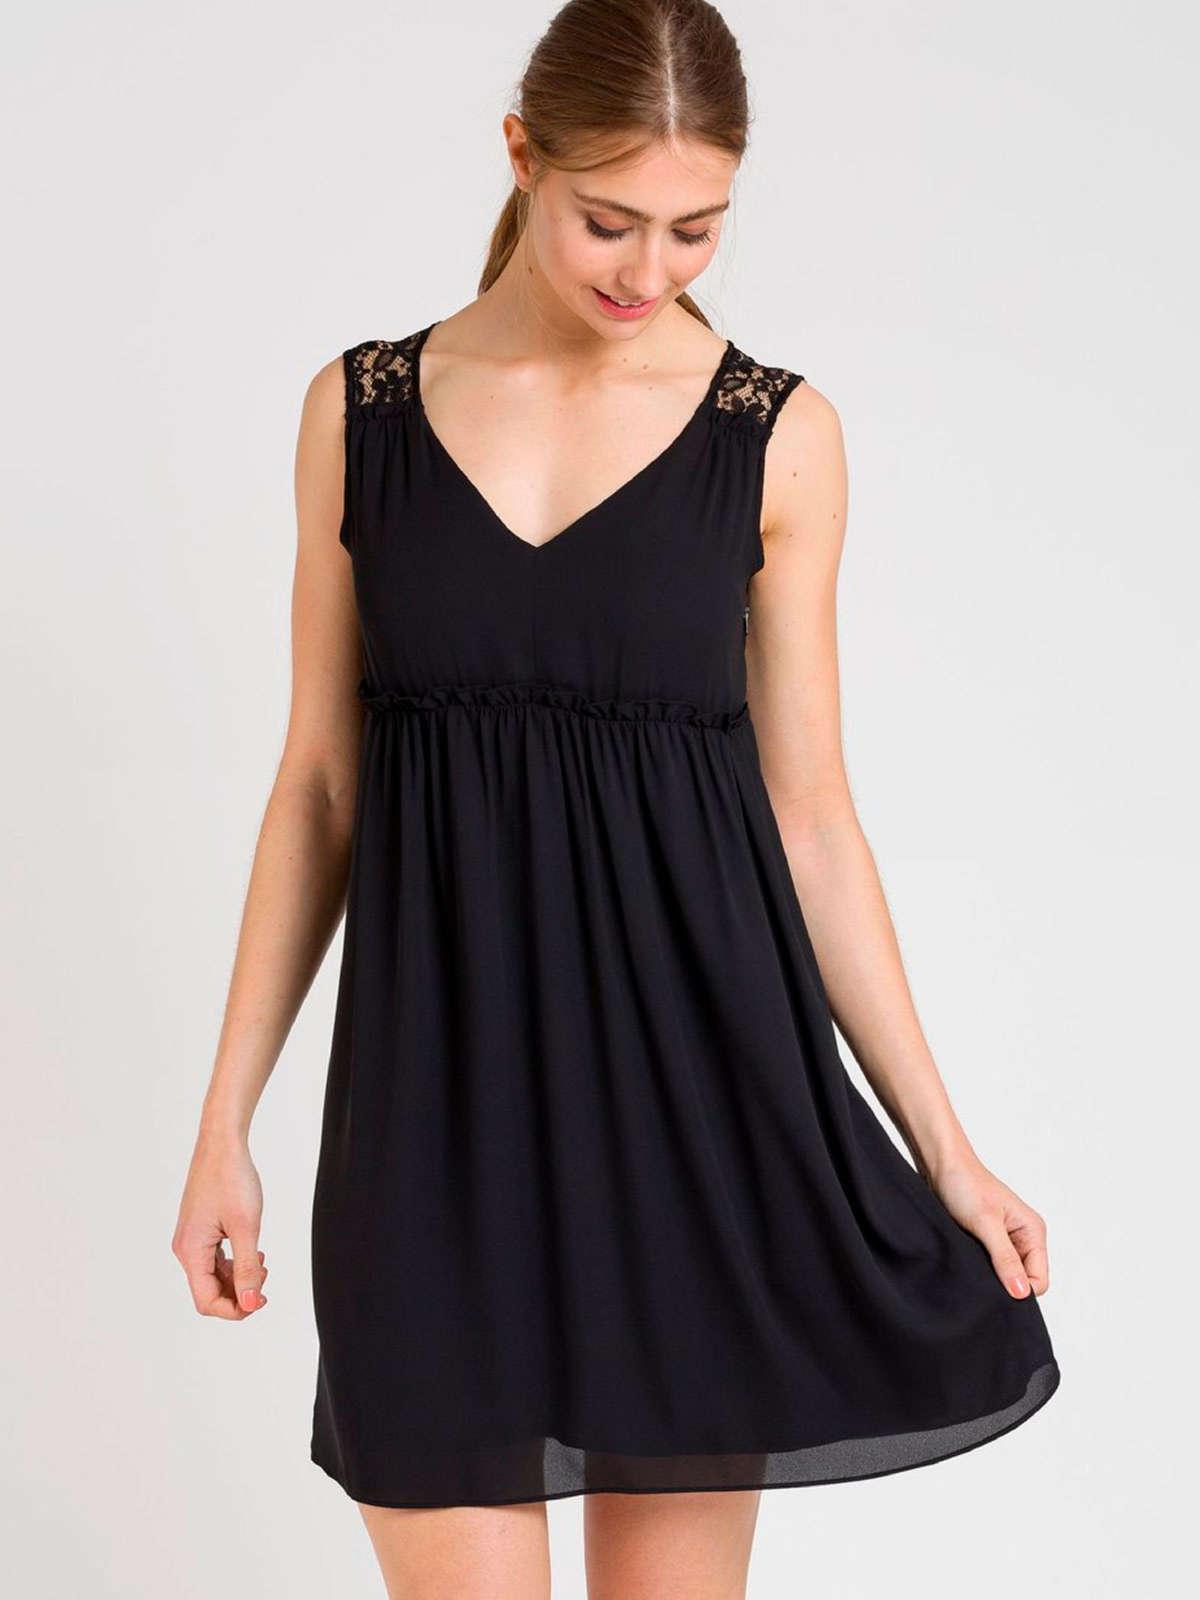 Alquiler de vestidos de fiesta en gandia